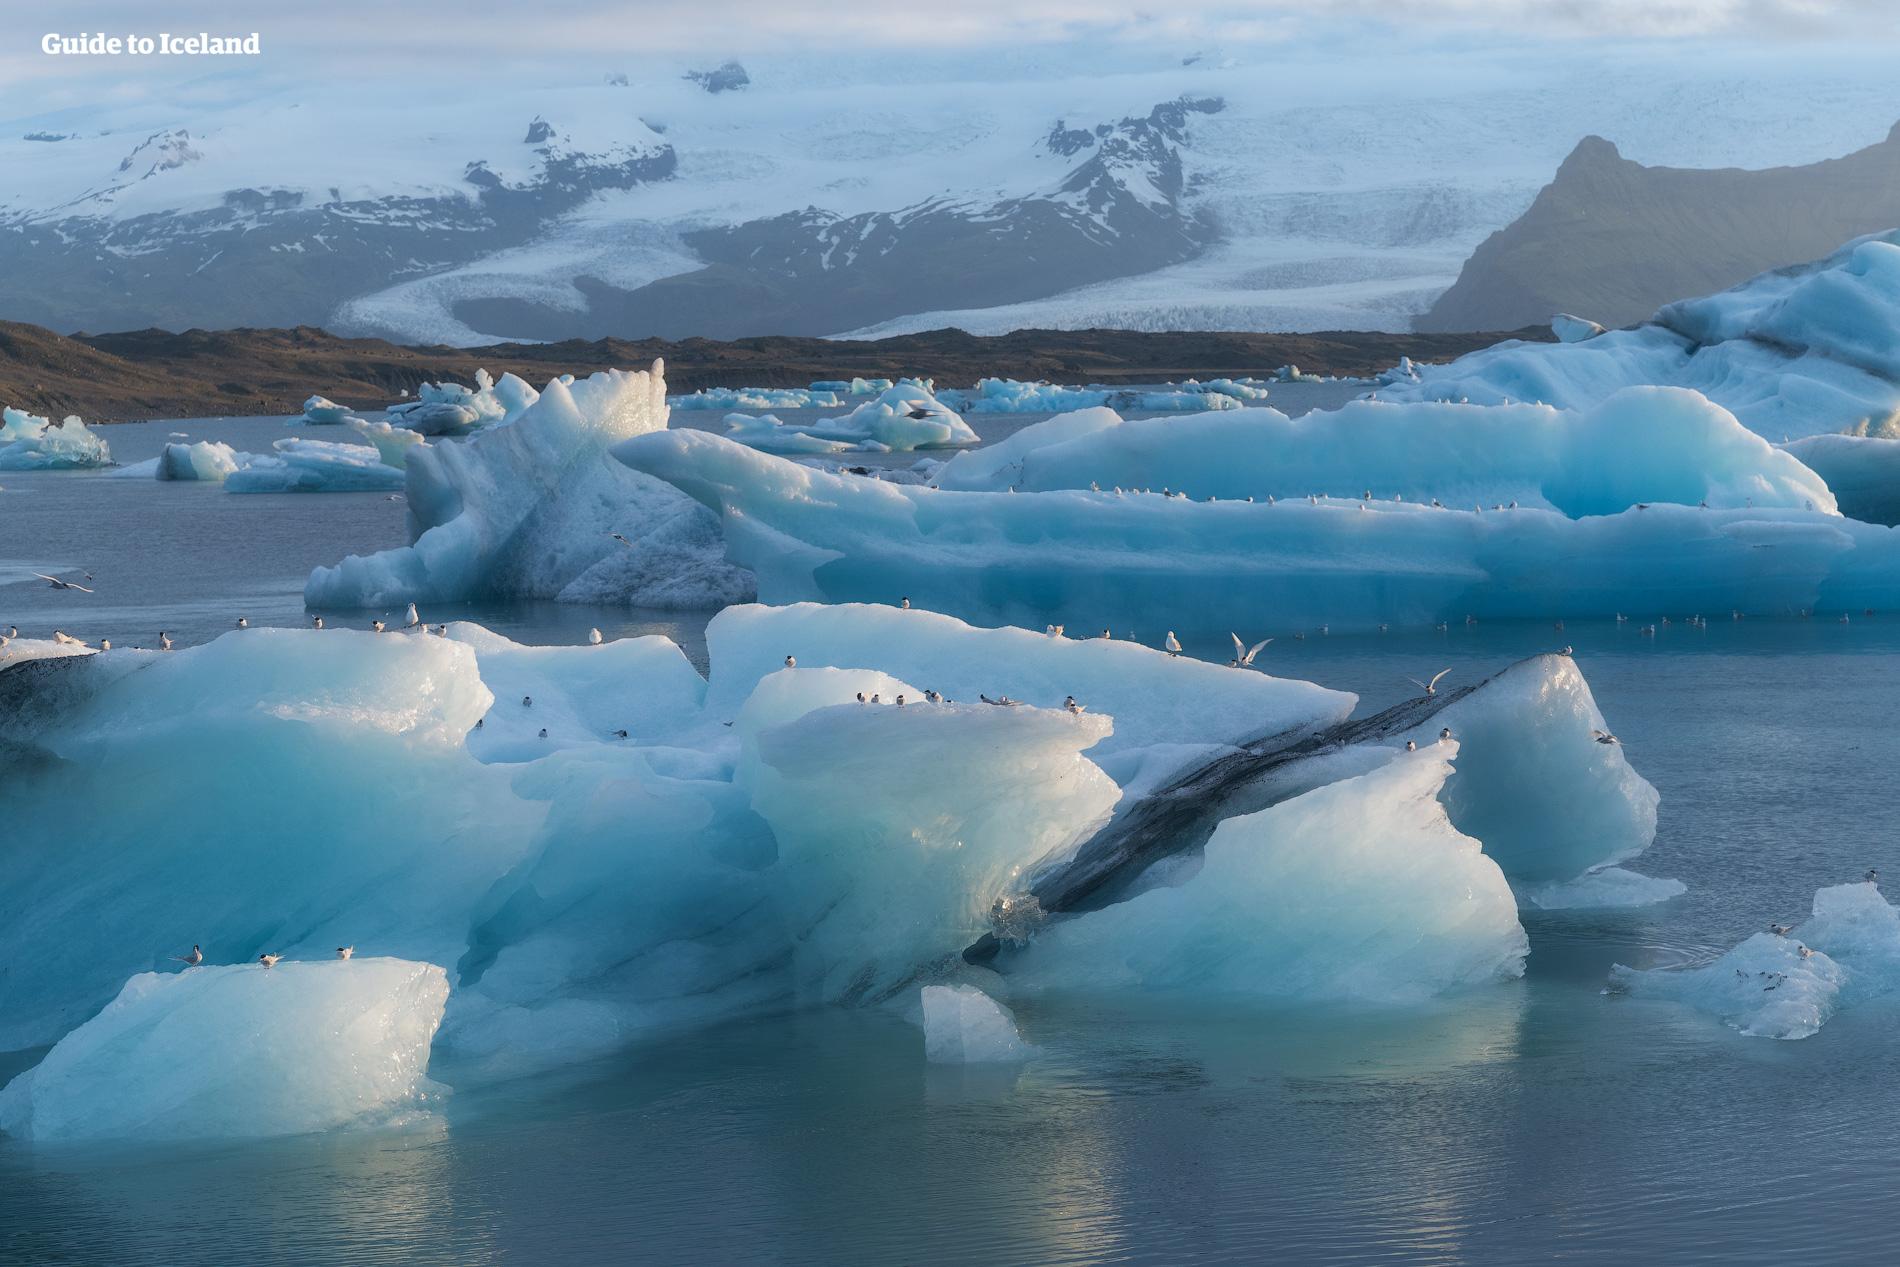 息を呑むほど美しい風景が広がるアイスランドのヨークルスアゥルロゥン氷河湖